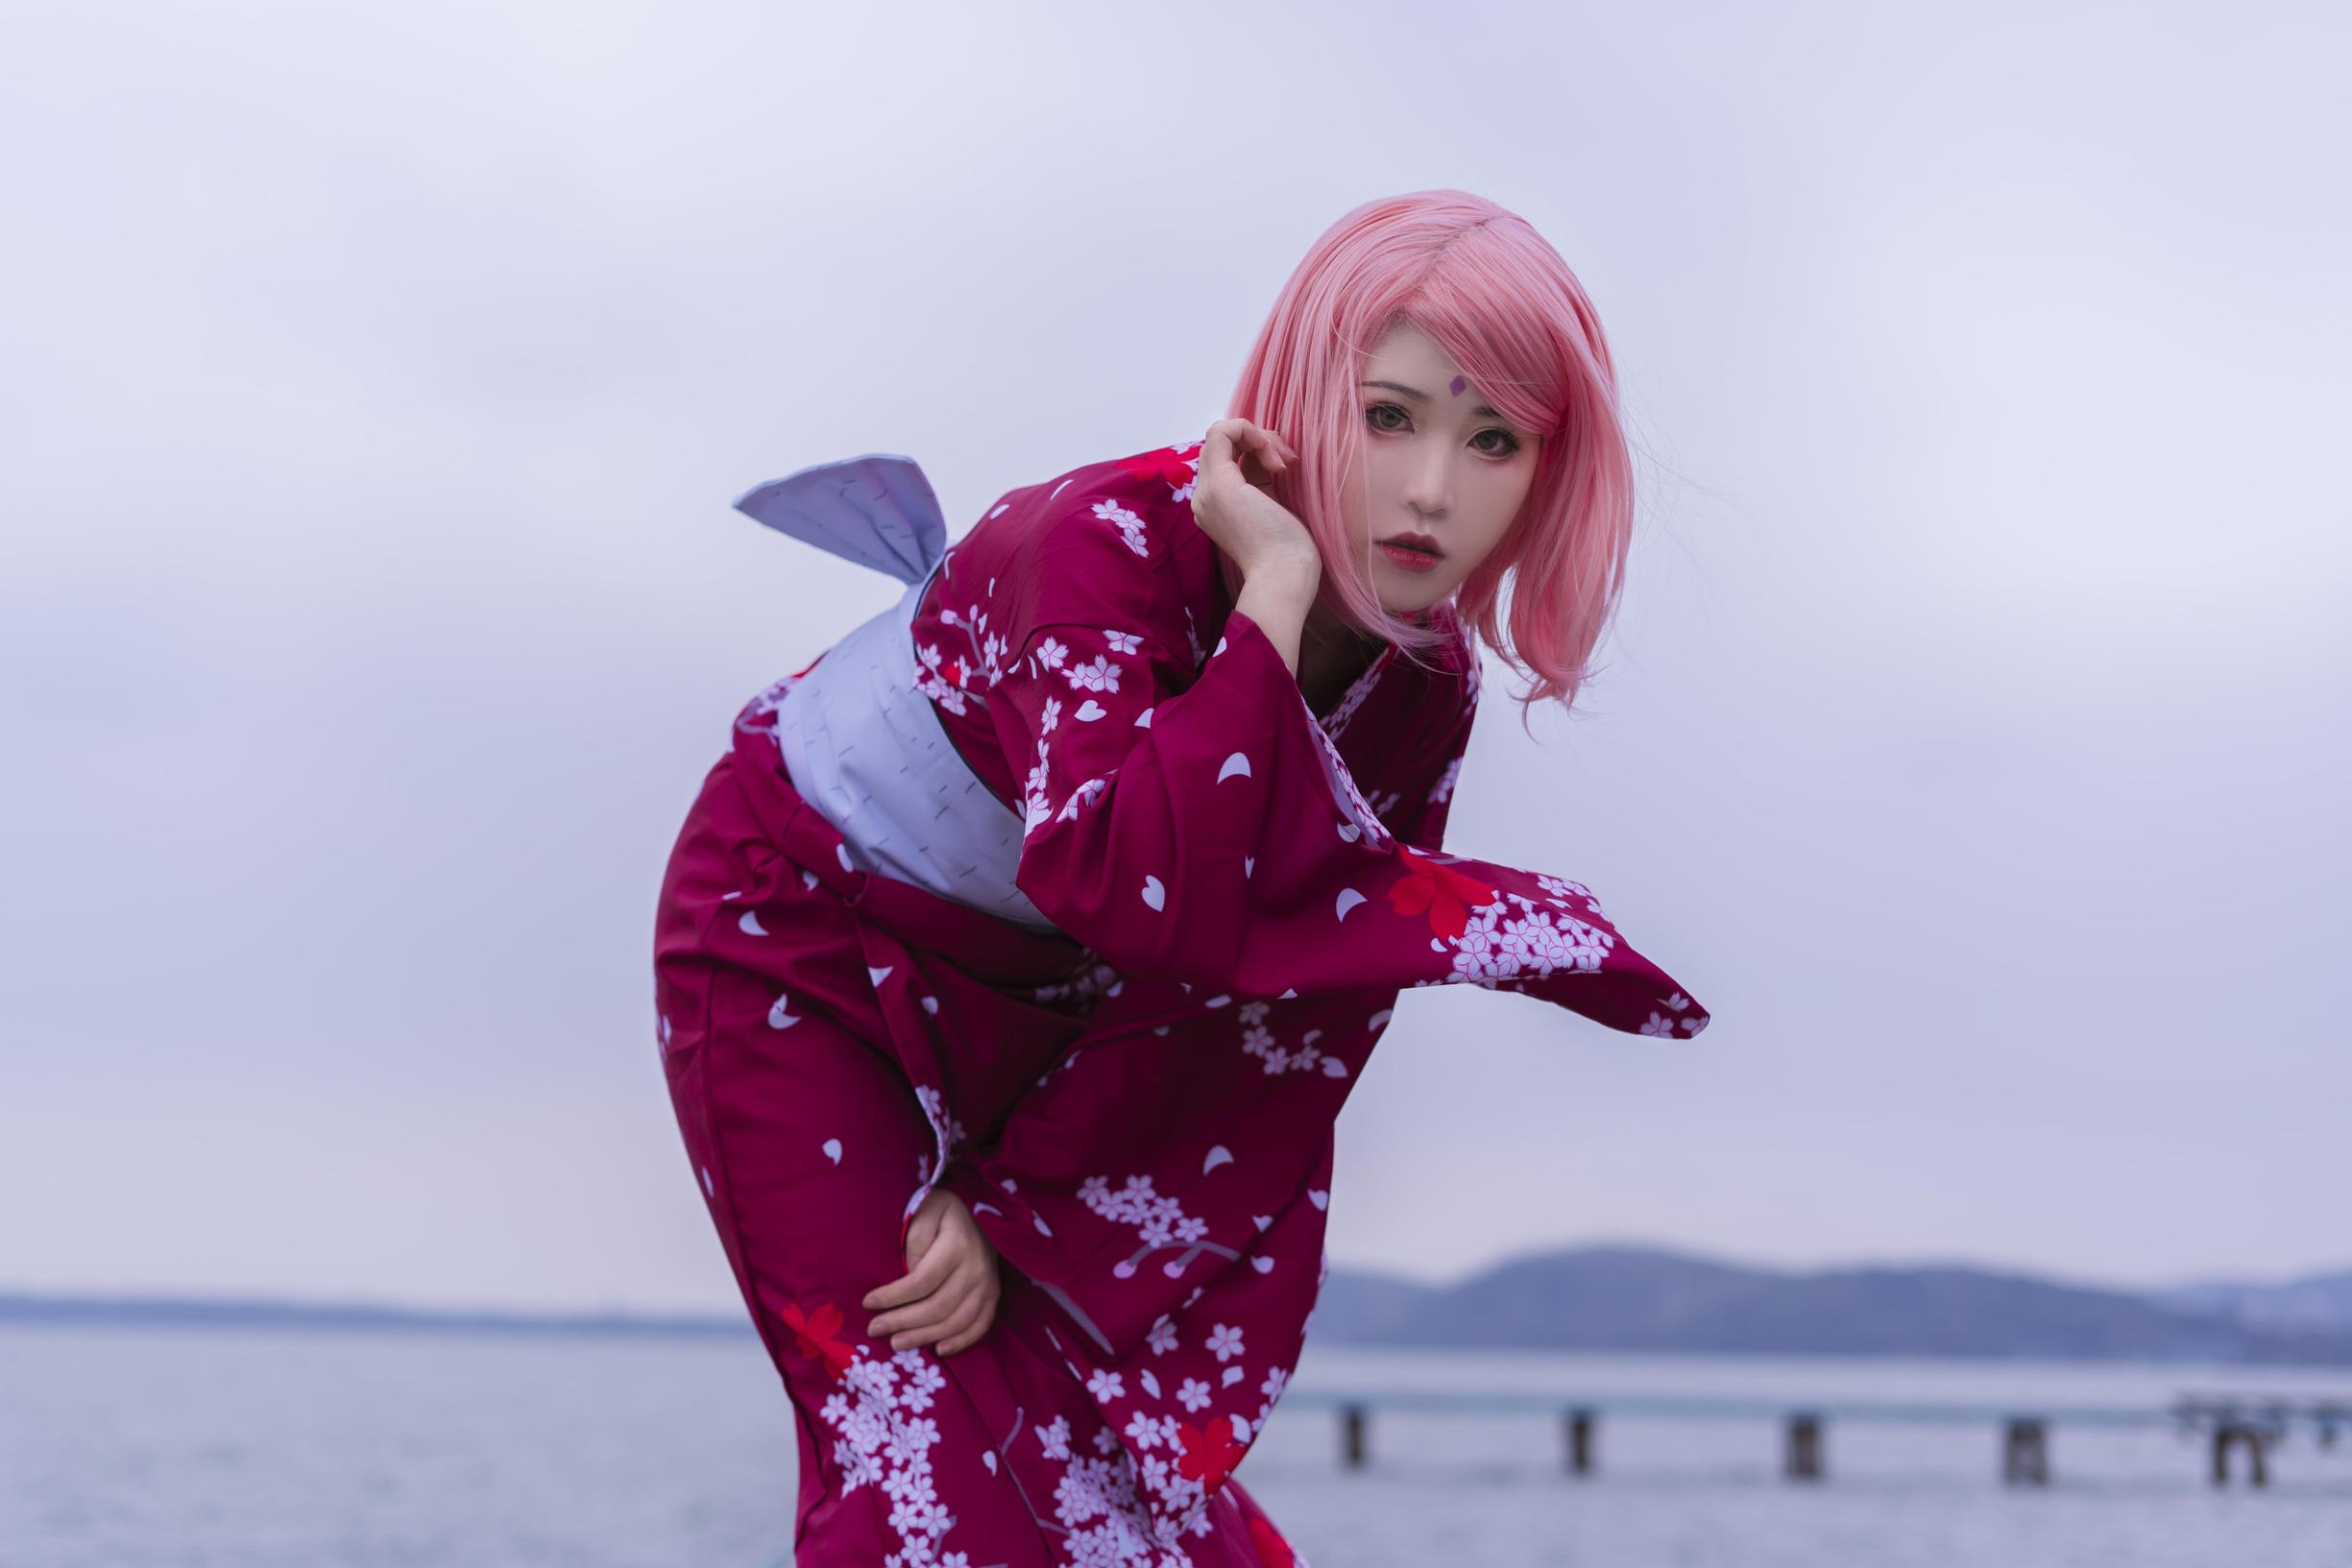 《火影忍者》火影忍者春野樱cosplay【CN:Naraku阿峰】-第11张